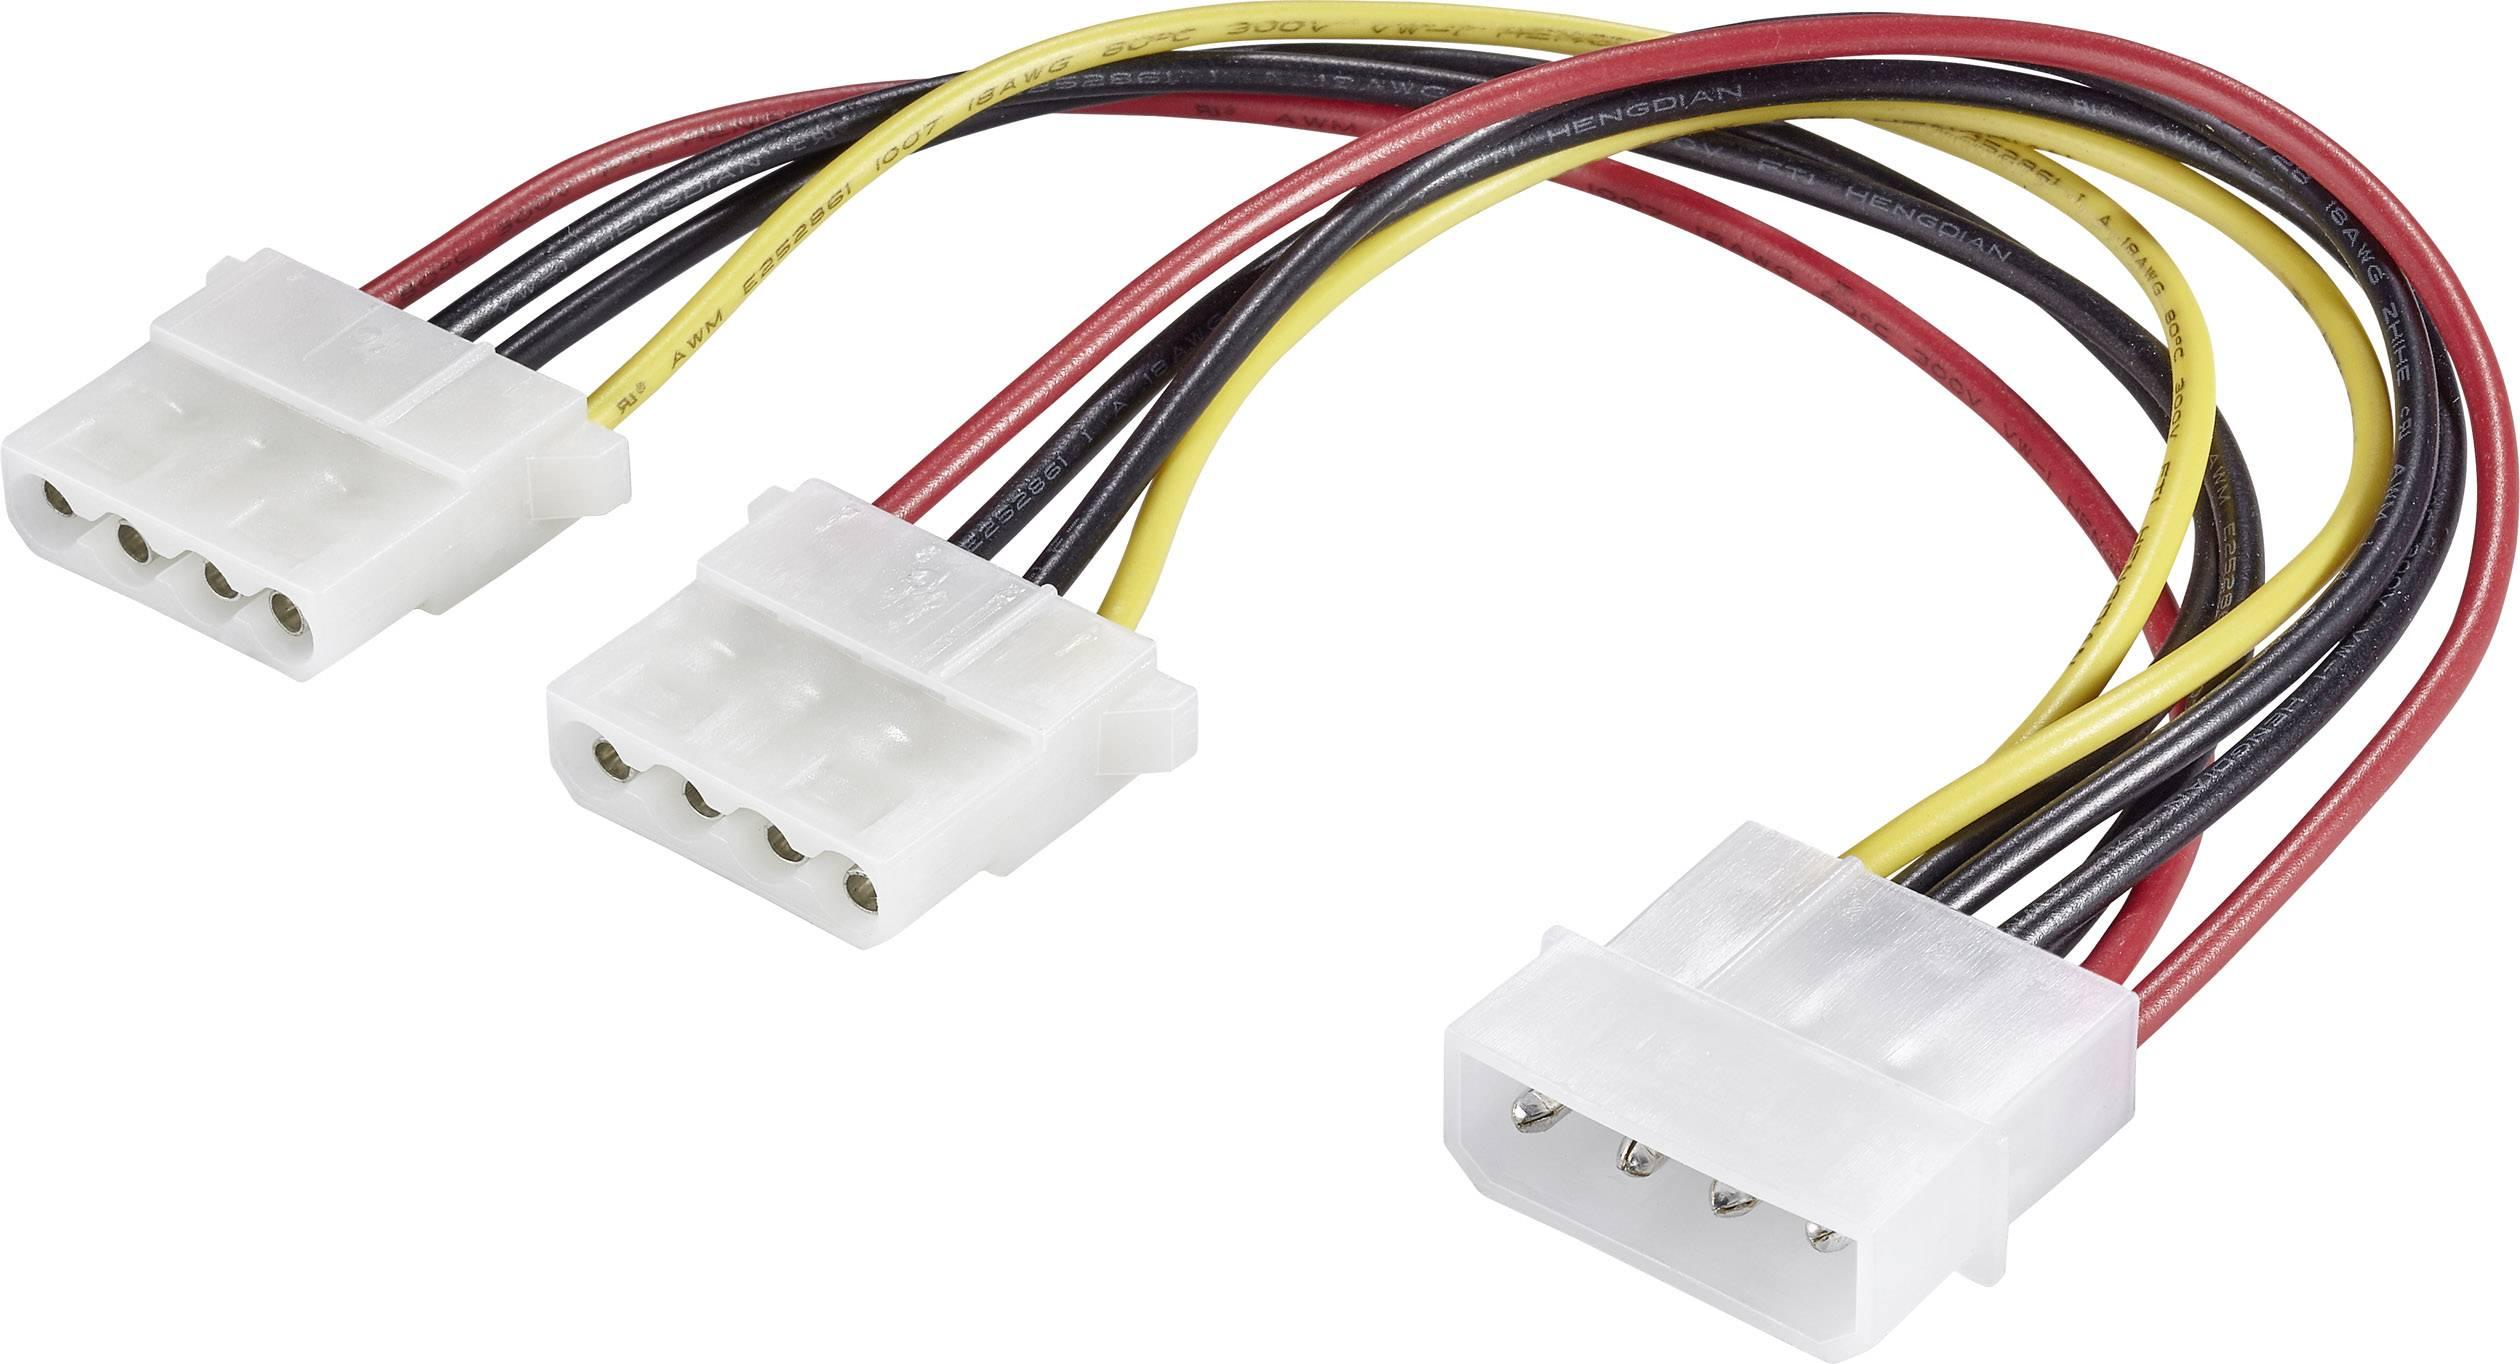 Predlžovací kábel Renkforce RF-4166742, [1x IDE prúdová zástrčka 4-pólová - 2x IDE prúdová zásuvka 4-pólová], 0.20 m, čierna, červená, žltá